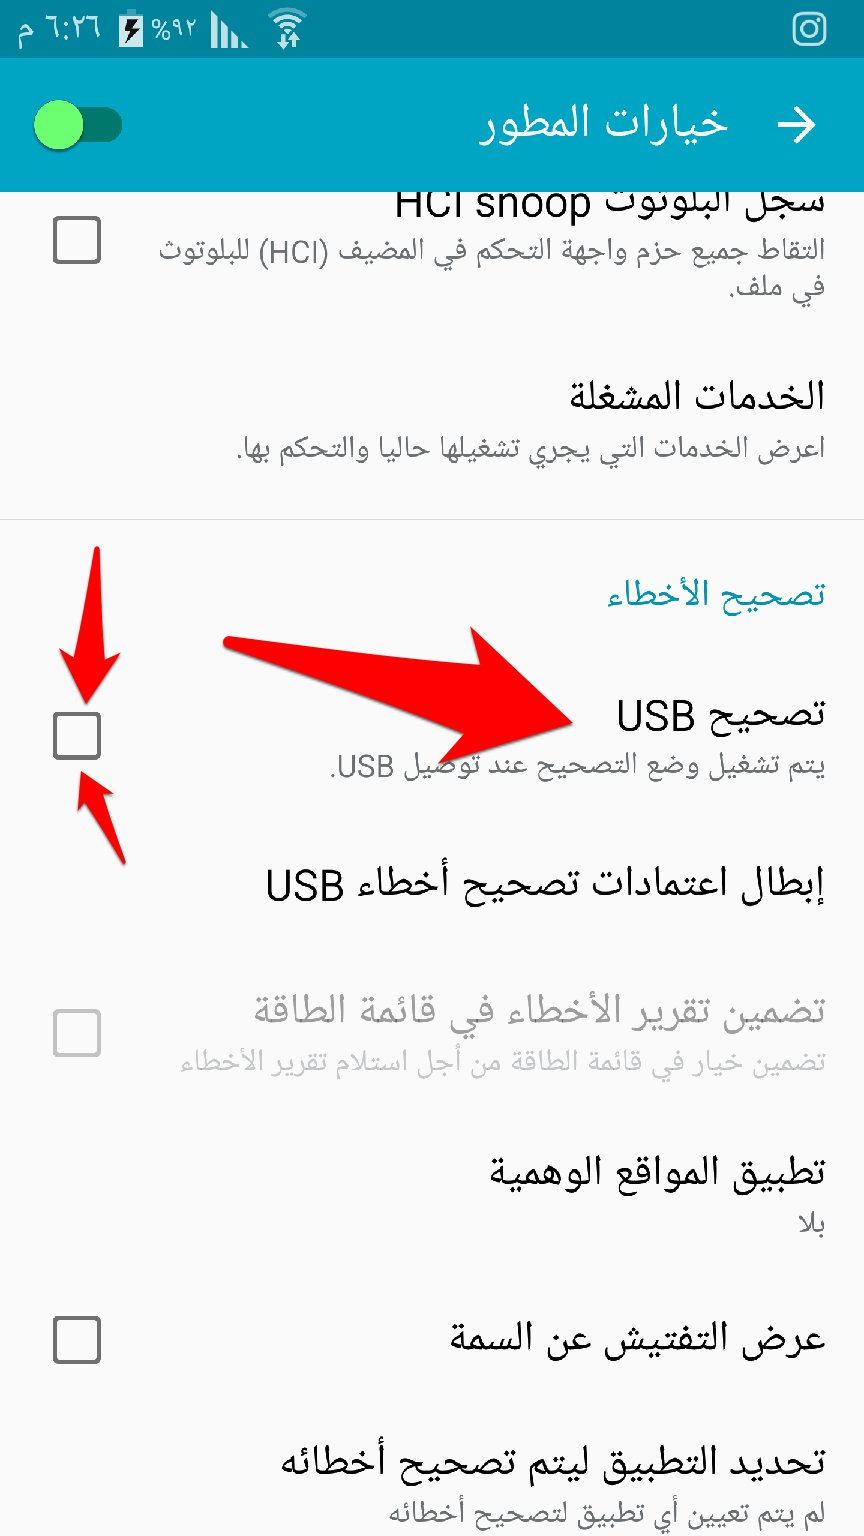 ما هو خيار تصحيح USB debugging وكيفية تفعيله والاستفادة منه؟ | بحرية درويد